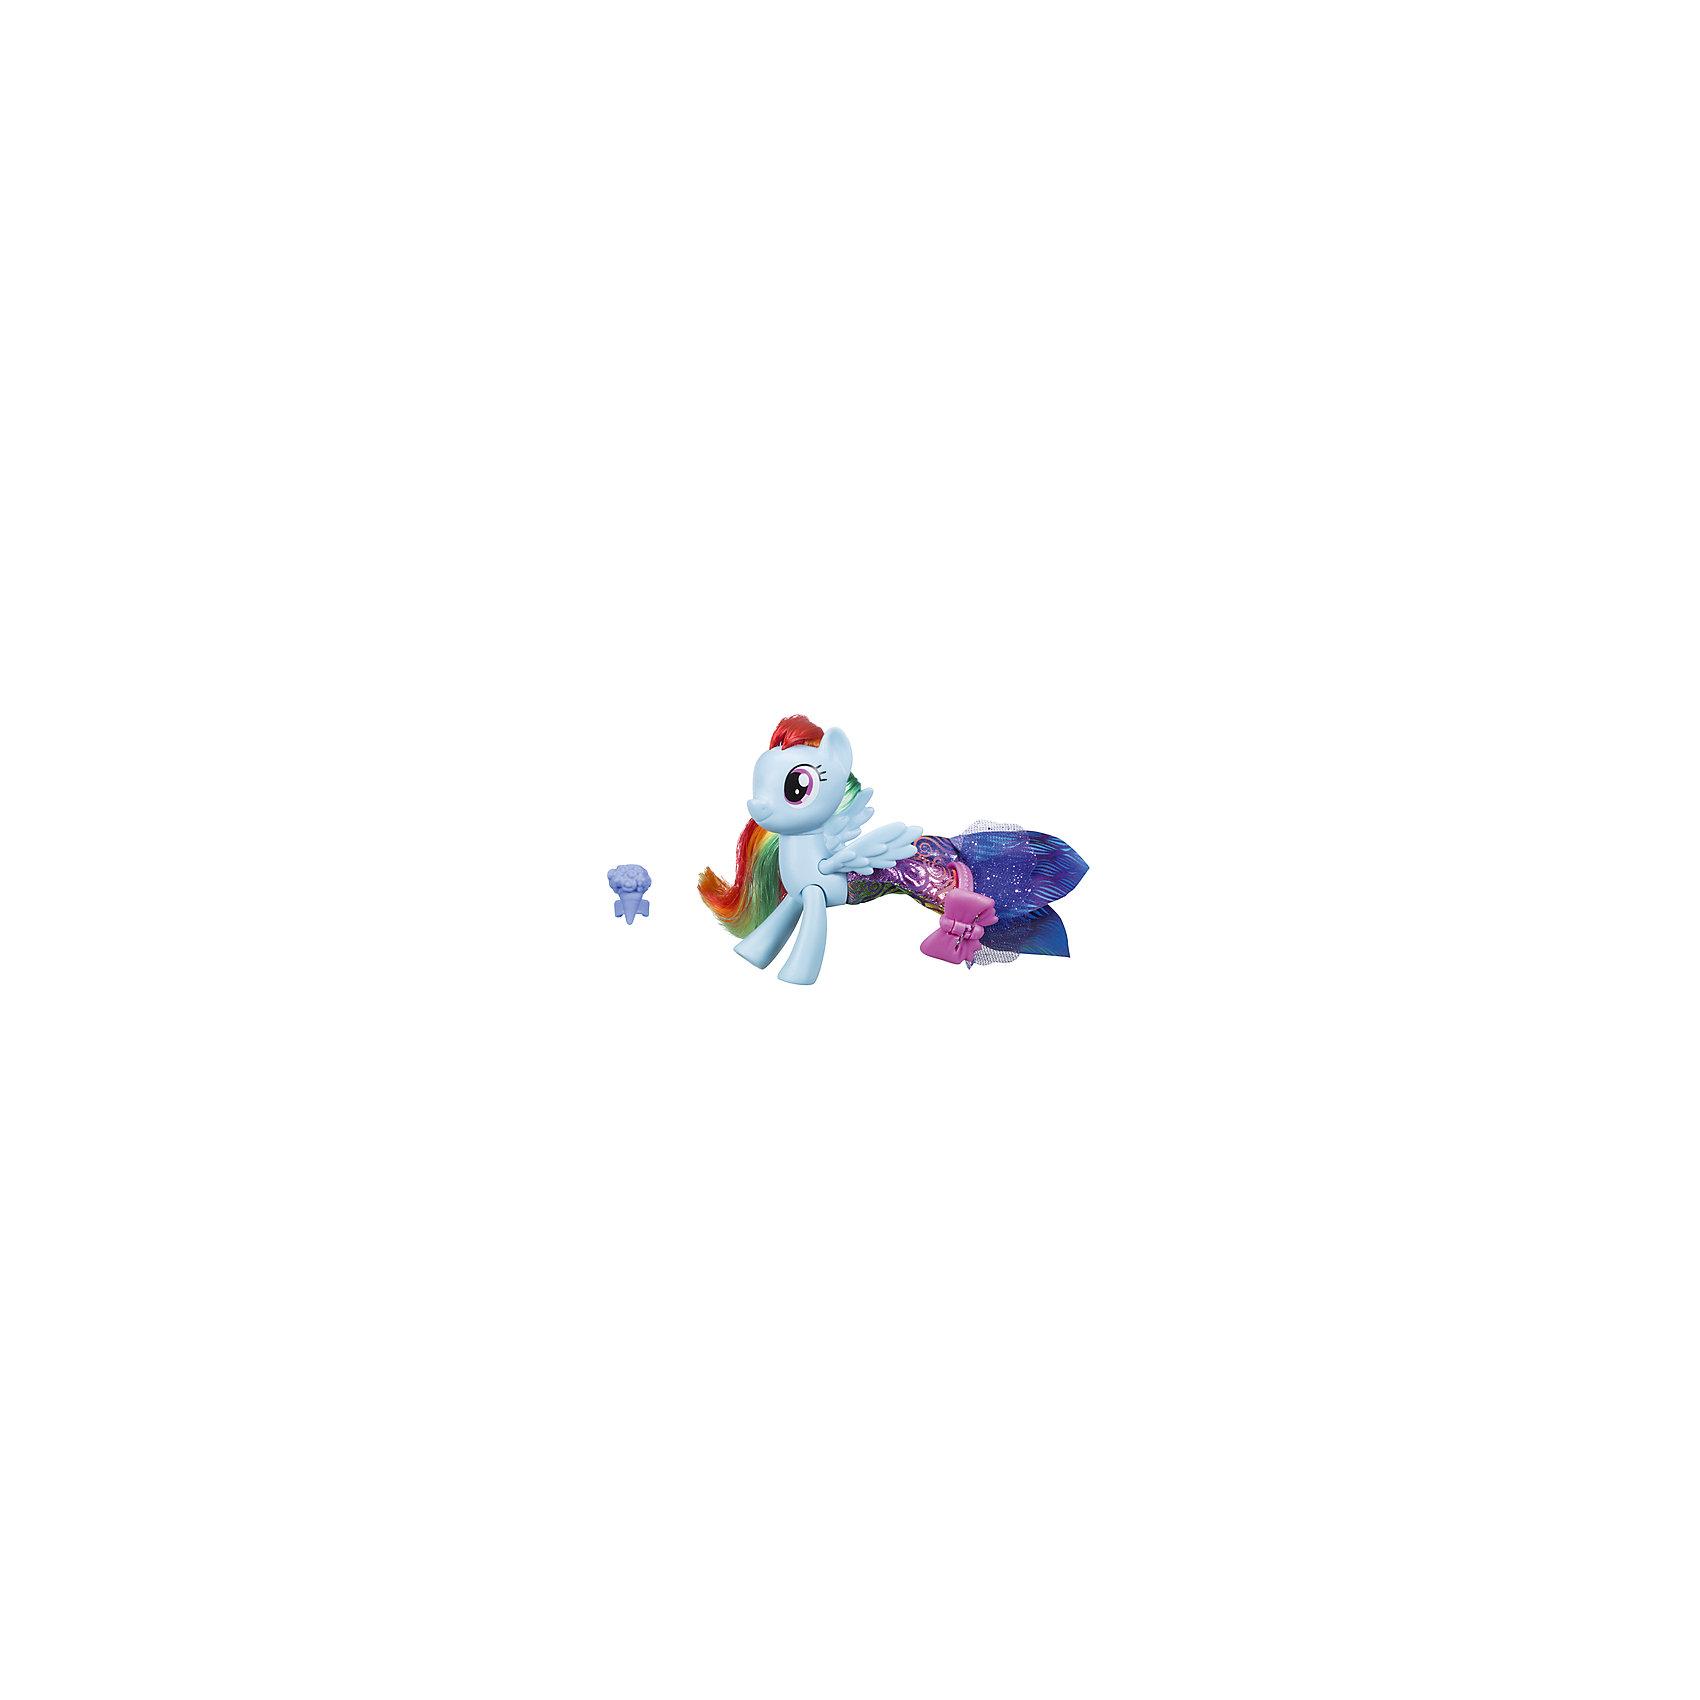 Игровой набор Hasbro My little Pony Мерцание. Пони в волшебных платьях, Рэйнбоу ДэшФигурки из мультфильмов<br>Характеристики:<br><br>• в наборе представлен персонаж из серии «Мерцание;<br>• особенностью игрушки является облачение пони в волшебное платье;<br>• материал фигурки: пластик;<br>• дополнительные аксессуары позволяют разнообразить игру;<br>• фигурки можно использовать в комбинации с различными игровыми наборами MLP.<br><br>MLP «Мерцание» Пони в волшебных платьях можно купить в нашем интернет-магазине.<br><br>Ширина мм: 209<br>Глубина мм: 182<br>Высота мм: 58<br>Вес г: 131<br>Возраст от месяцев: 36<br>Возраст до месяцев: 72<br>Пол: Женский<br>Возраст: Детский<br>SKU: 7120211